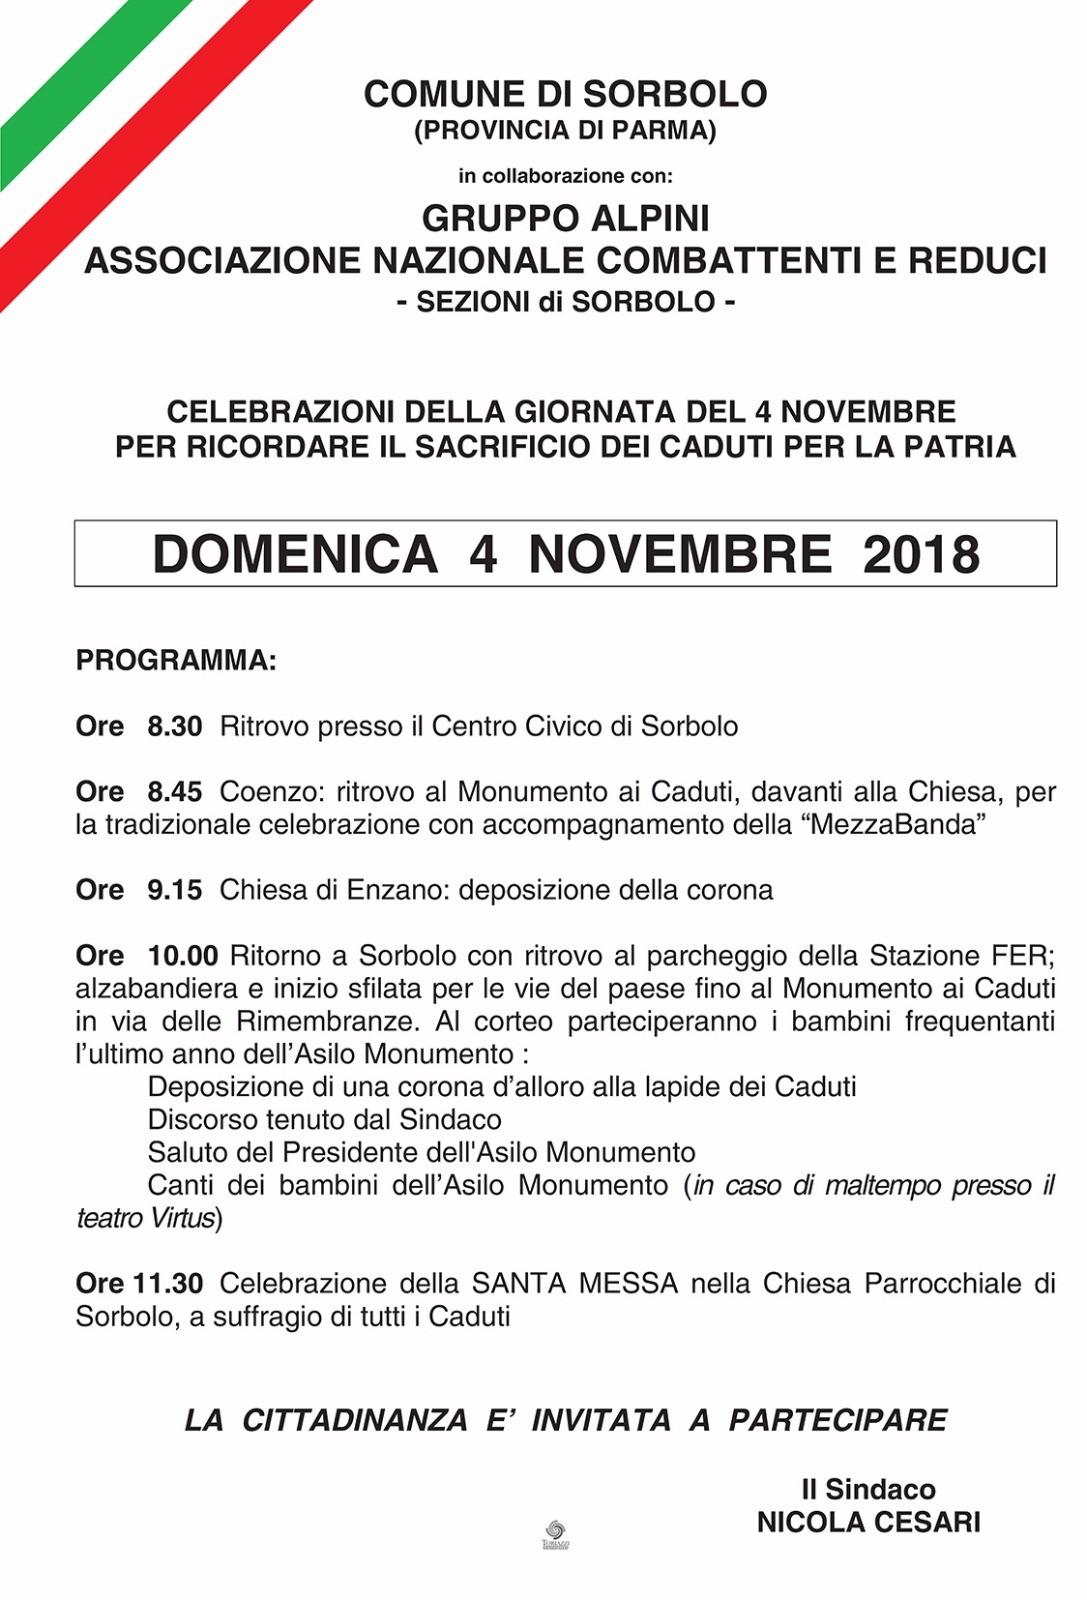 4 novembre GIORNO DELL'UNITÀ NAZIONALE E FESTA DELLE FORZE  ARMATE  a Sorbolo